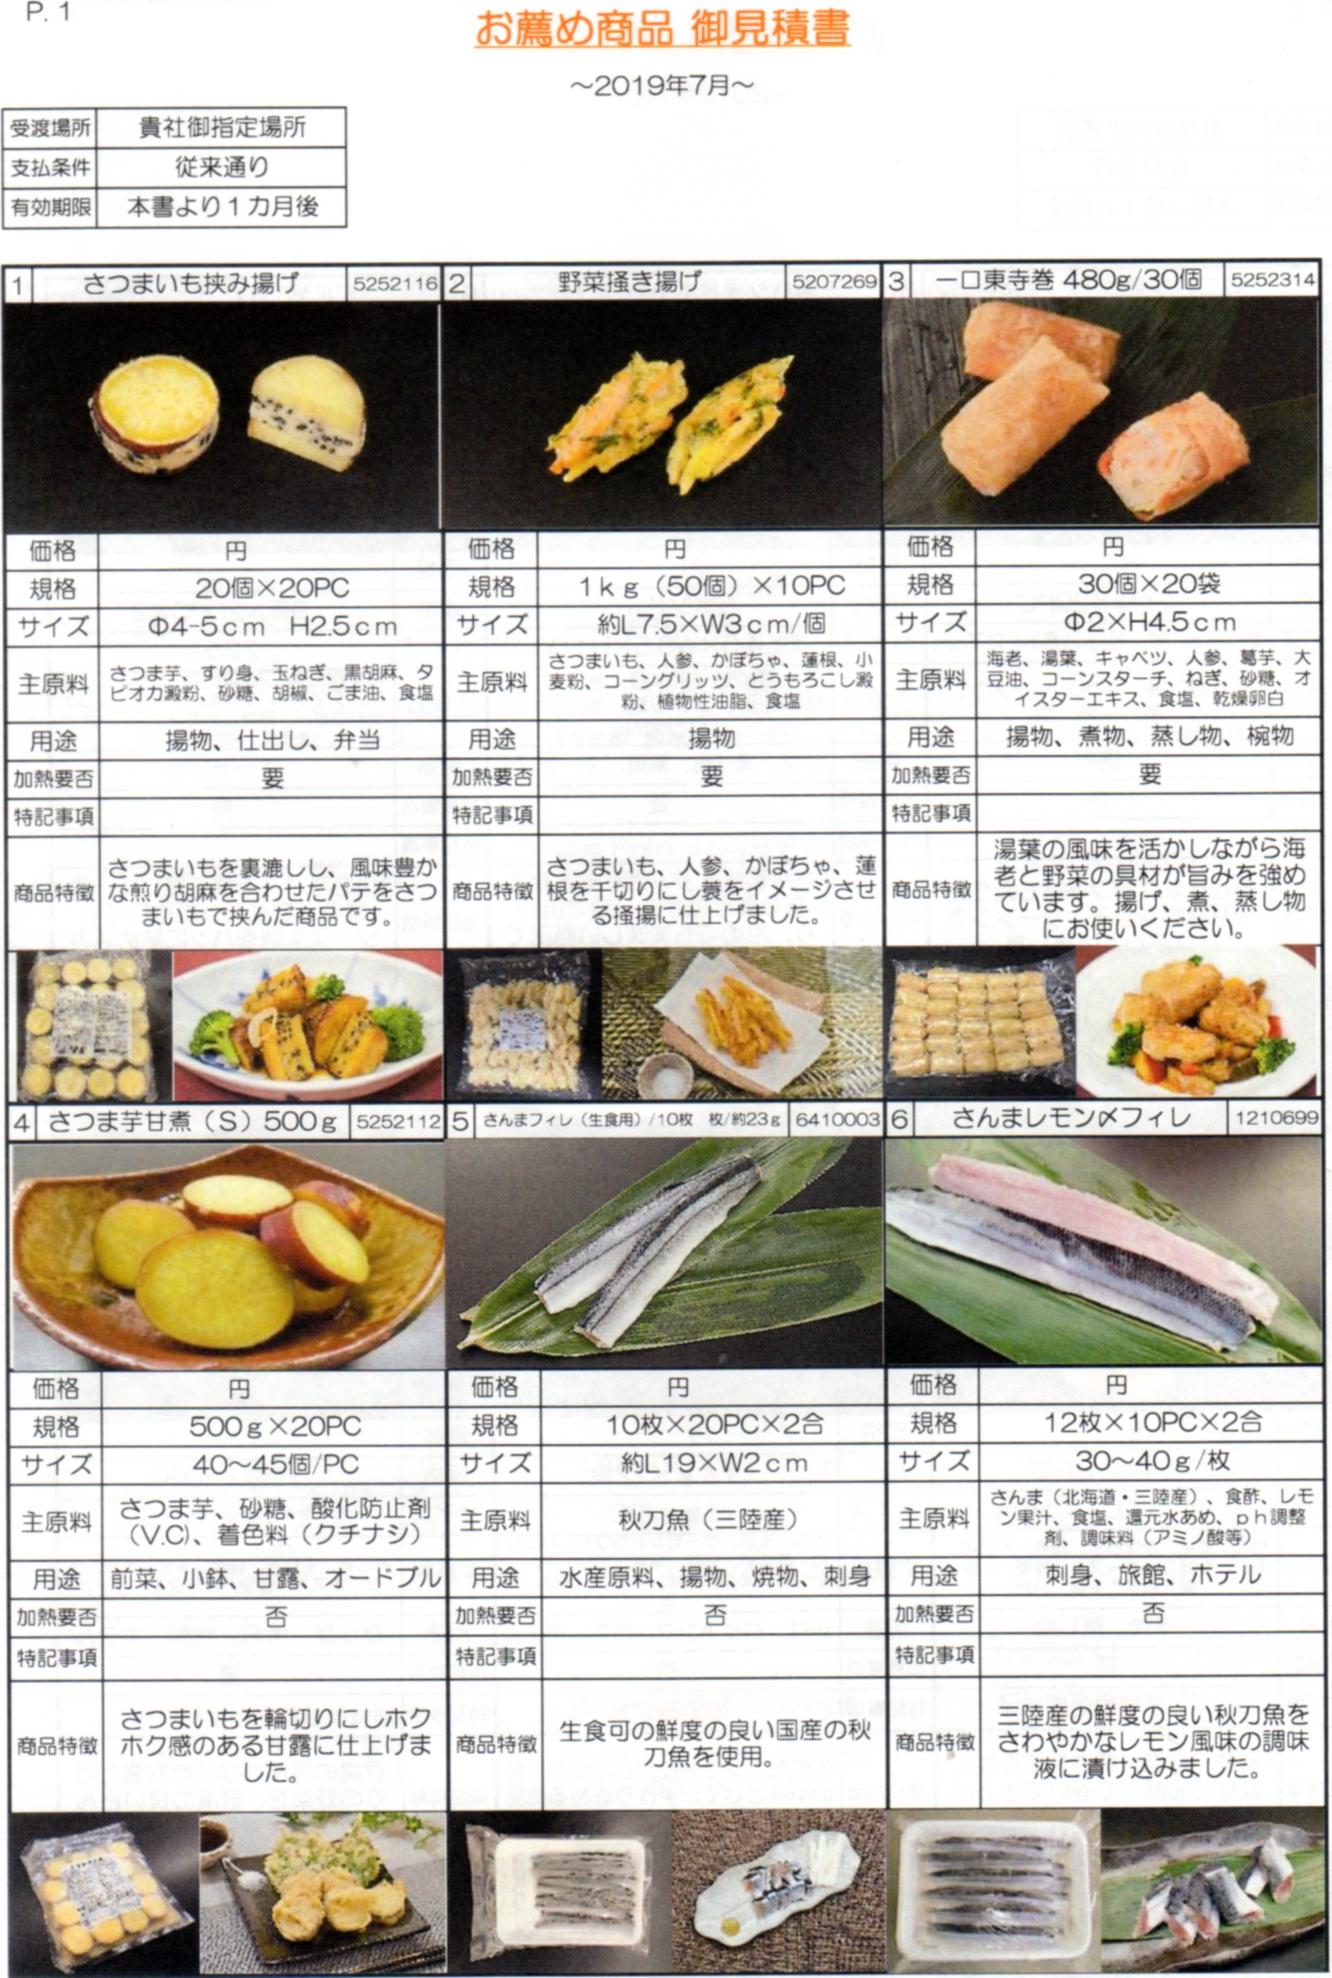 お勧め商品&特価品 列挙